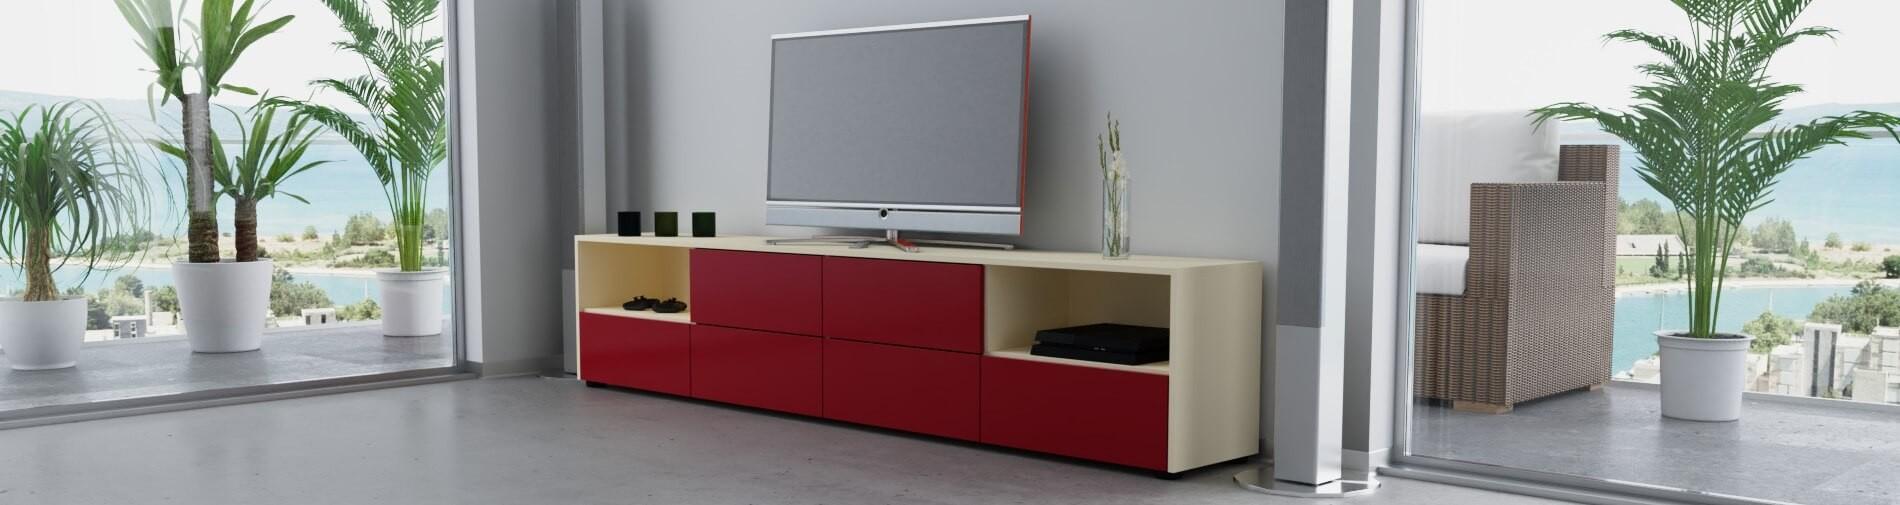 lowboard selber bauen konfigurieren. Black Bedroom Furniture Sets. Home Design Ideas